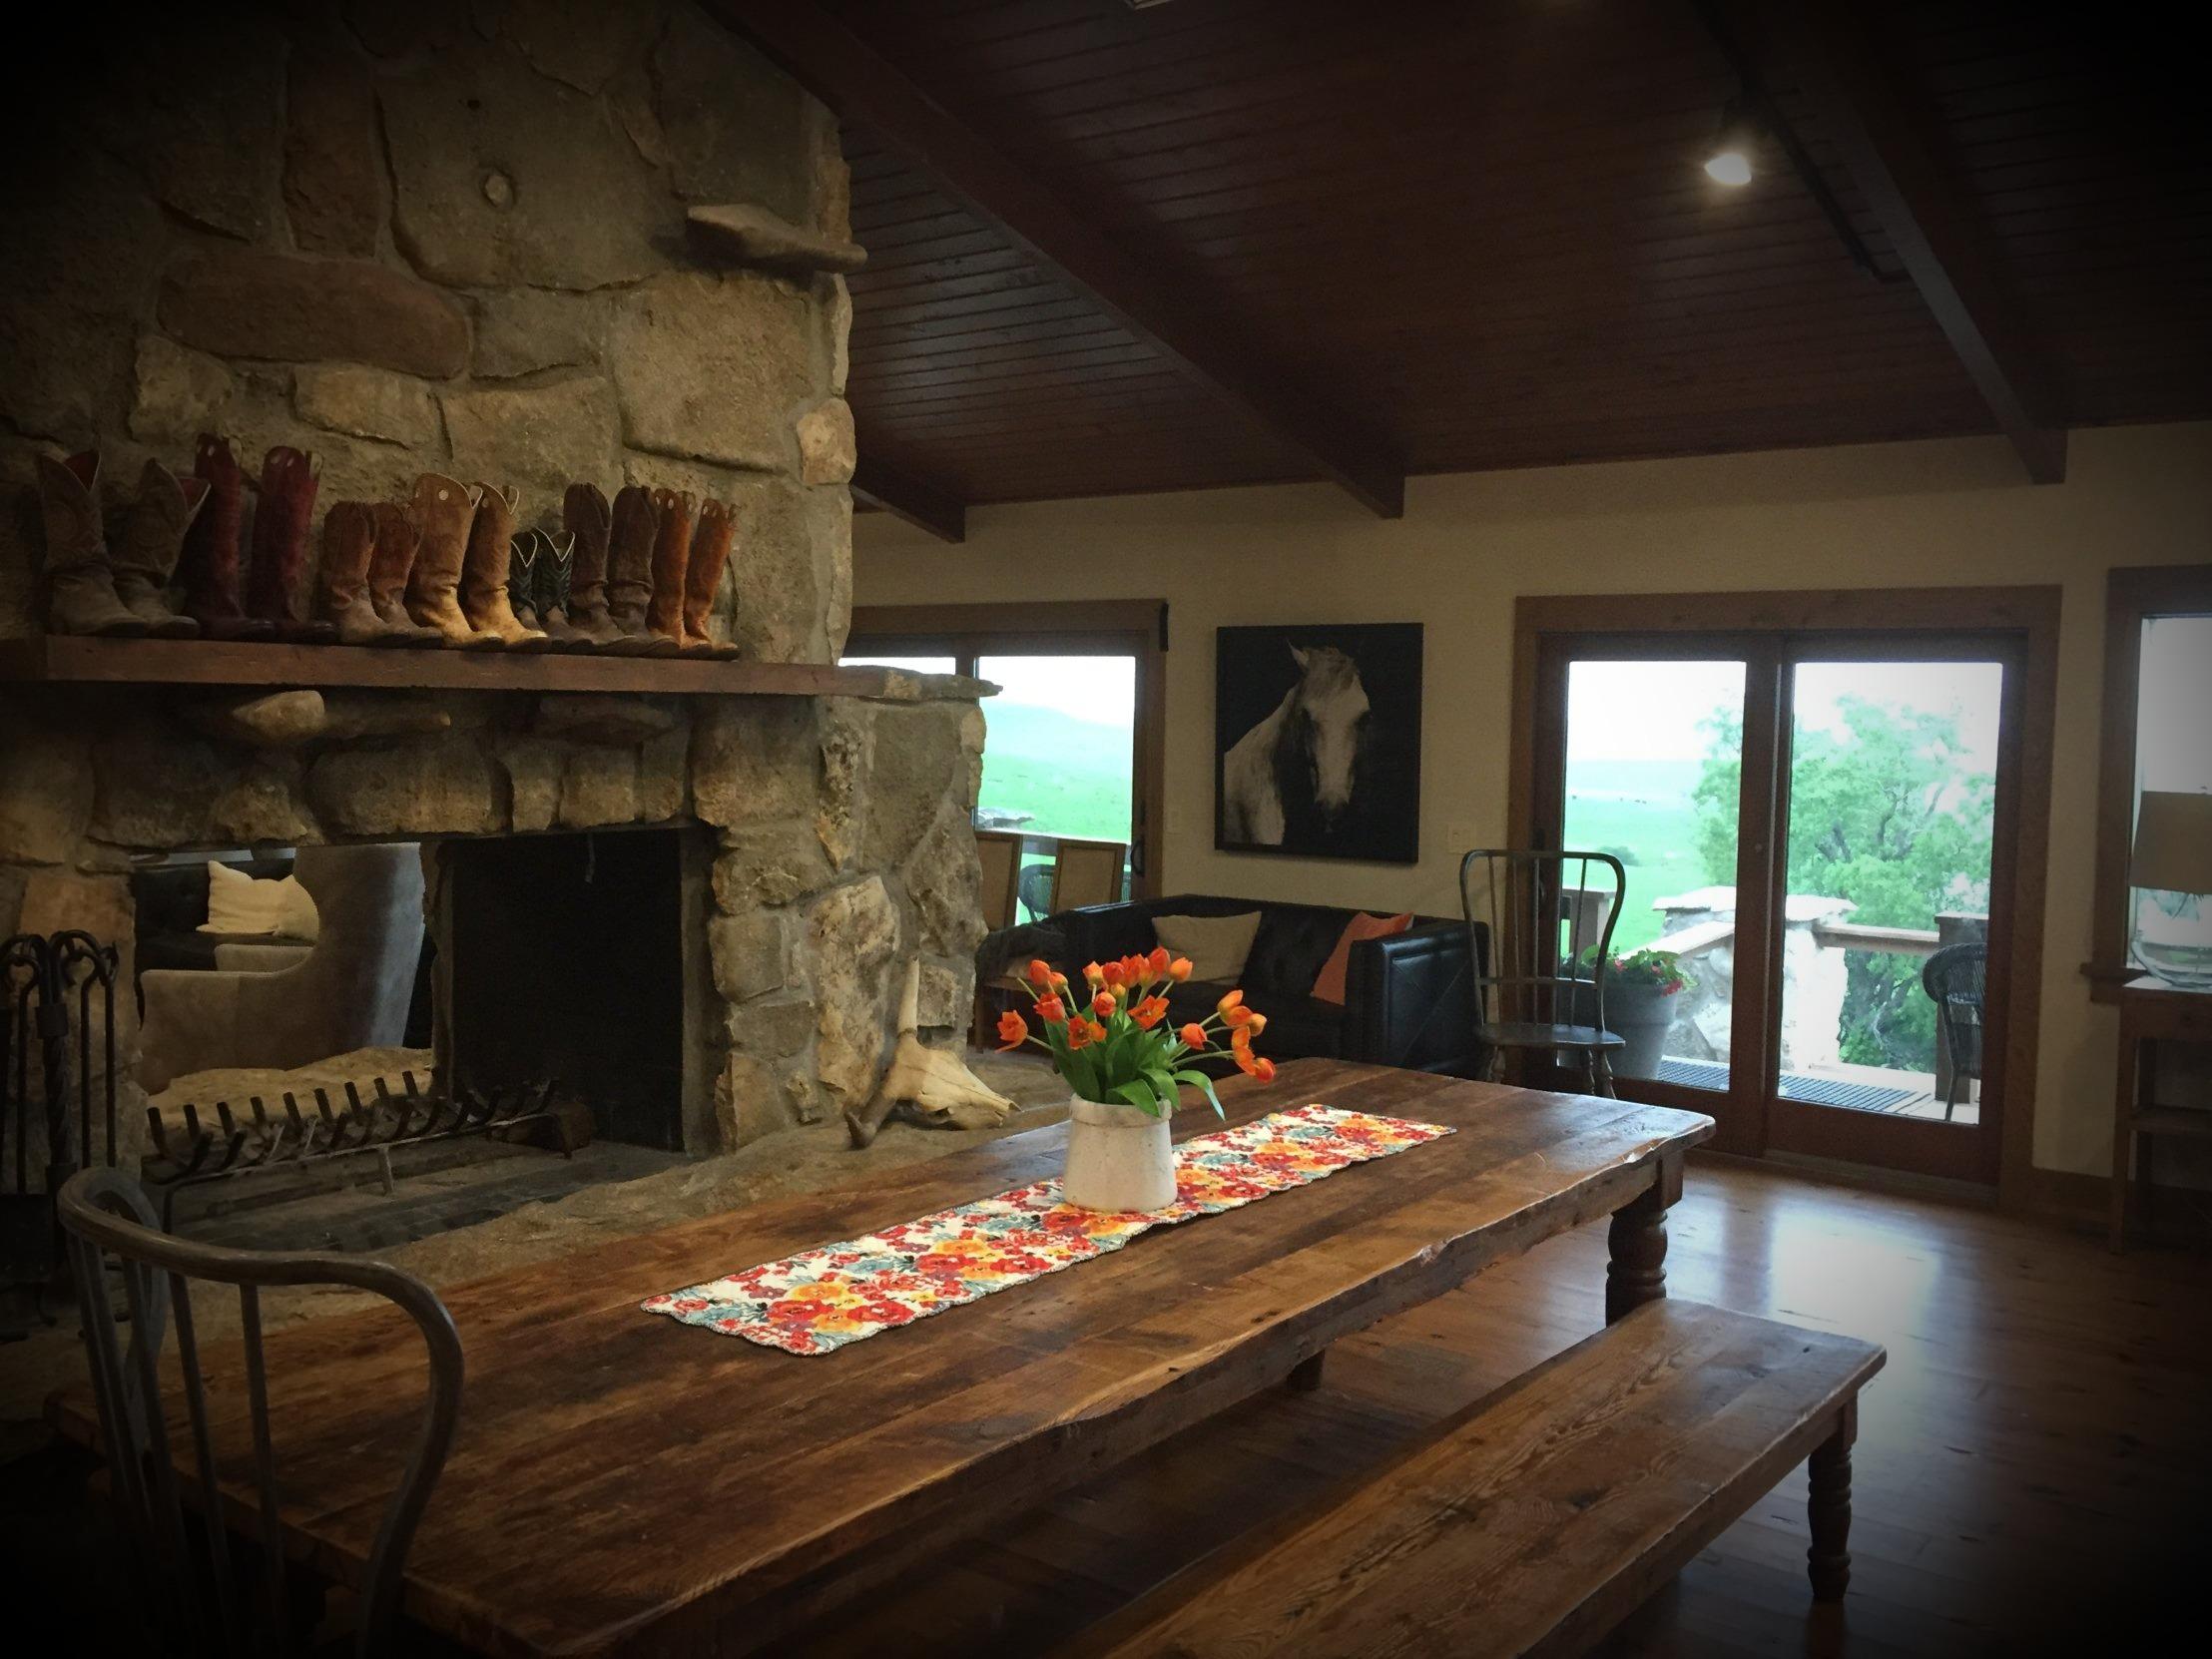 custom farmhouse tables.jpg